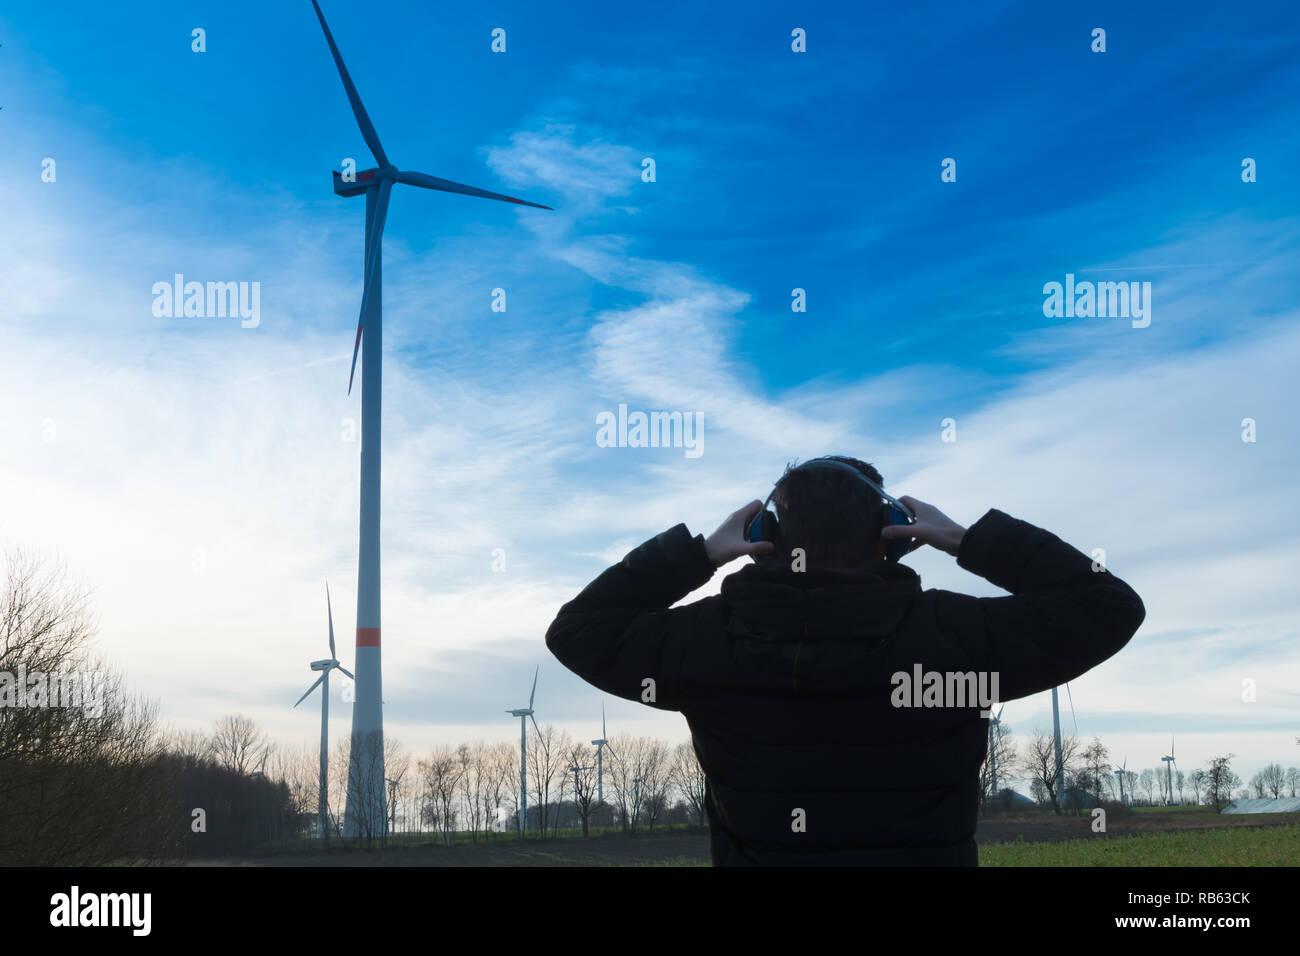 Hombre enfrente de un parque eólico utiliza protector de ruido para reducir el ruido de la turbina eólica Imagen De Stock